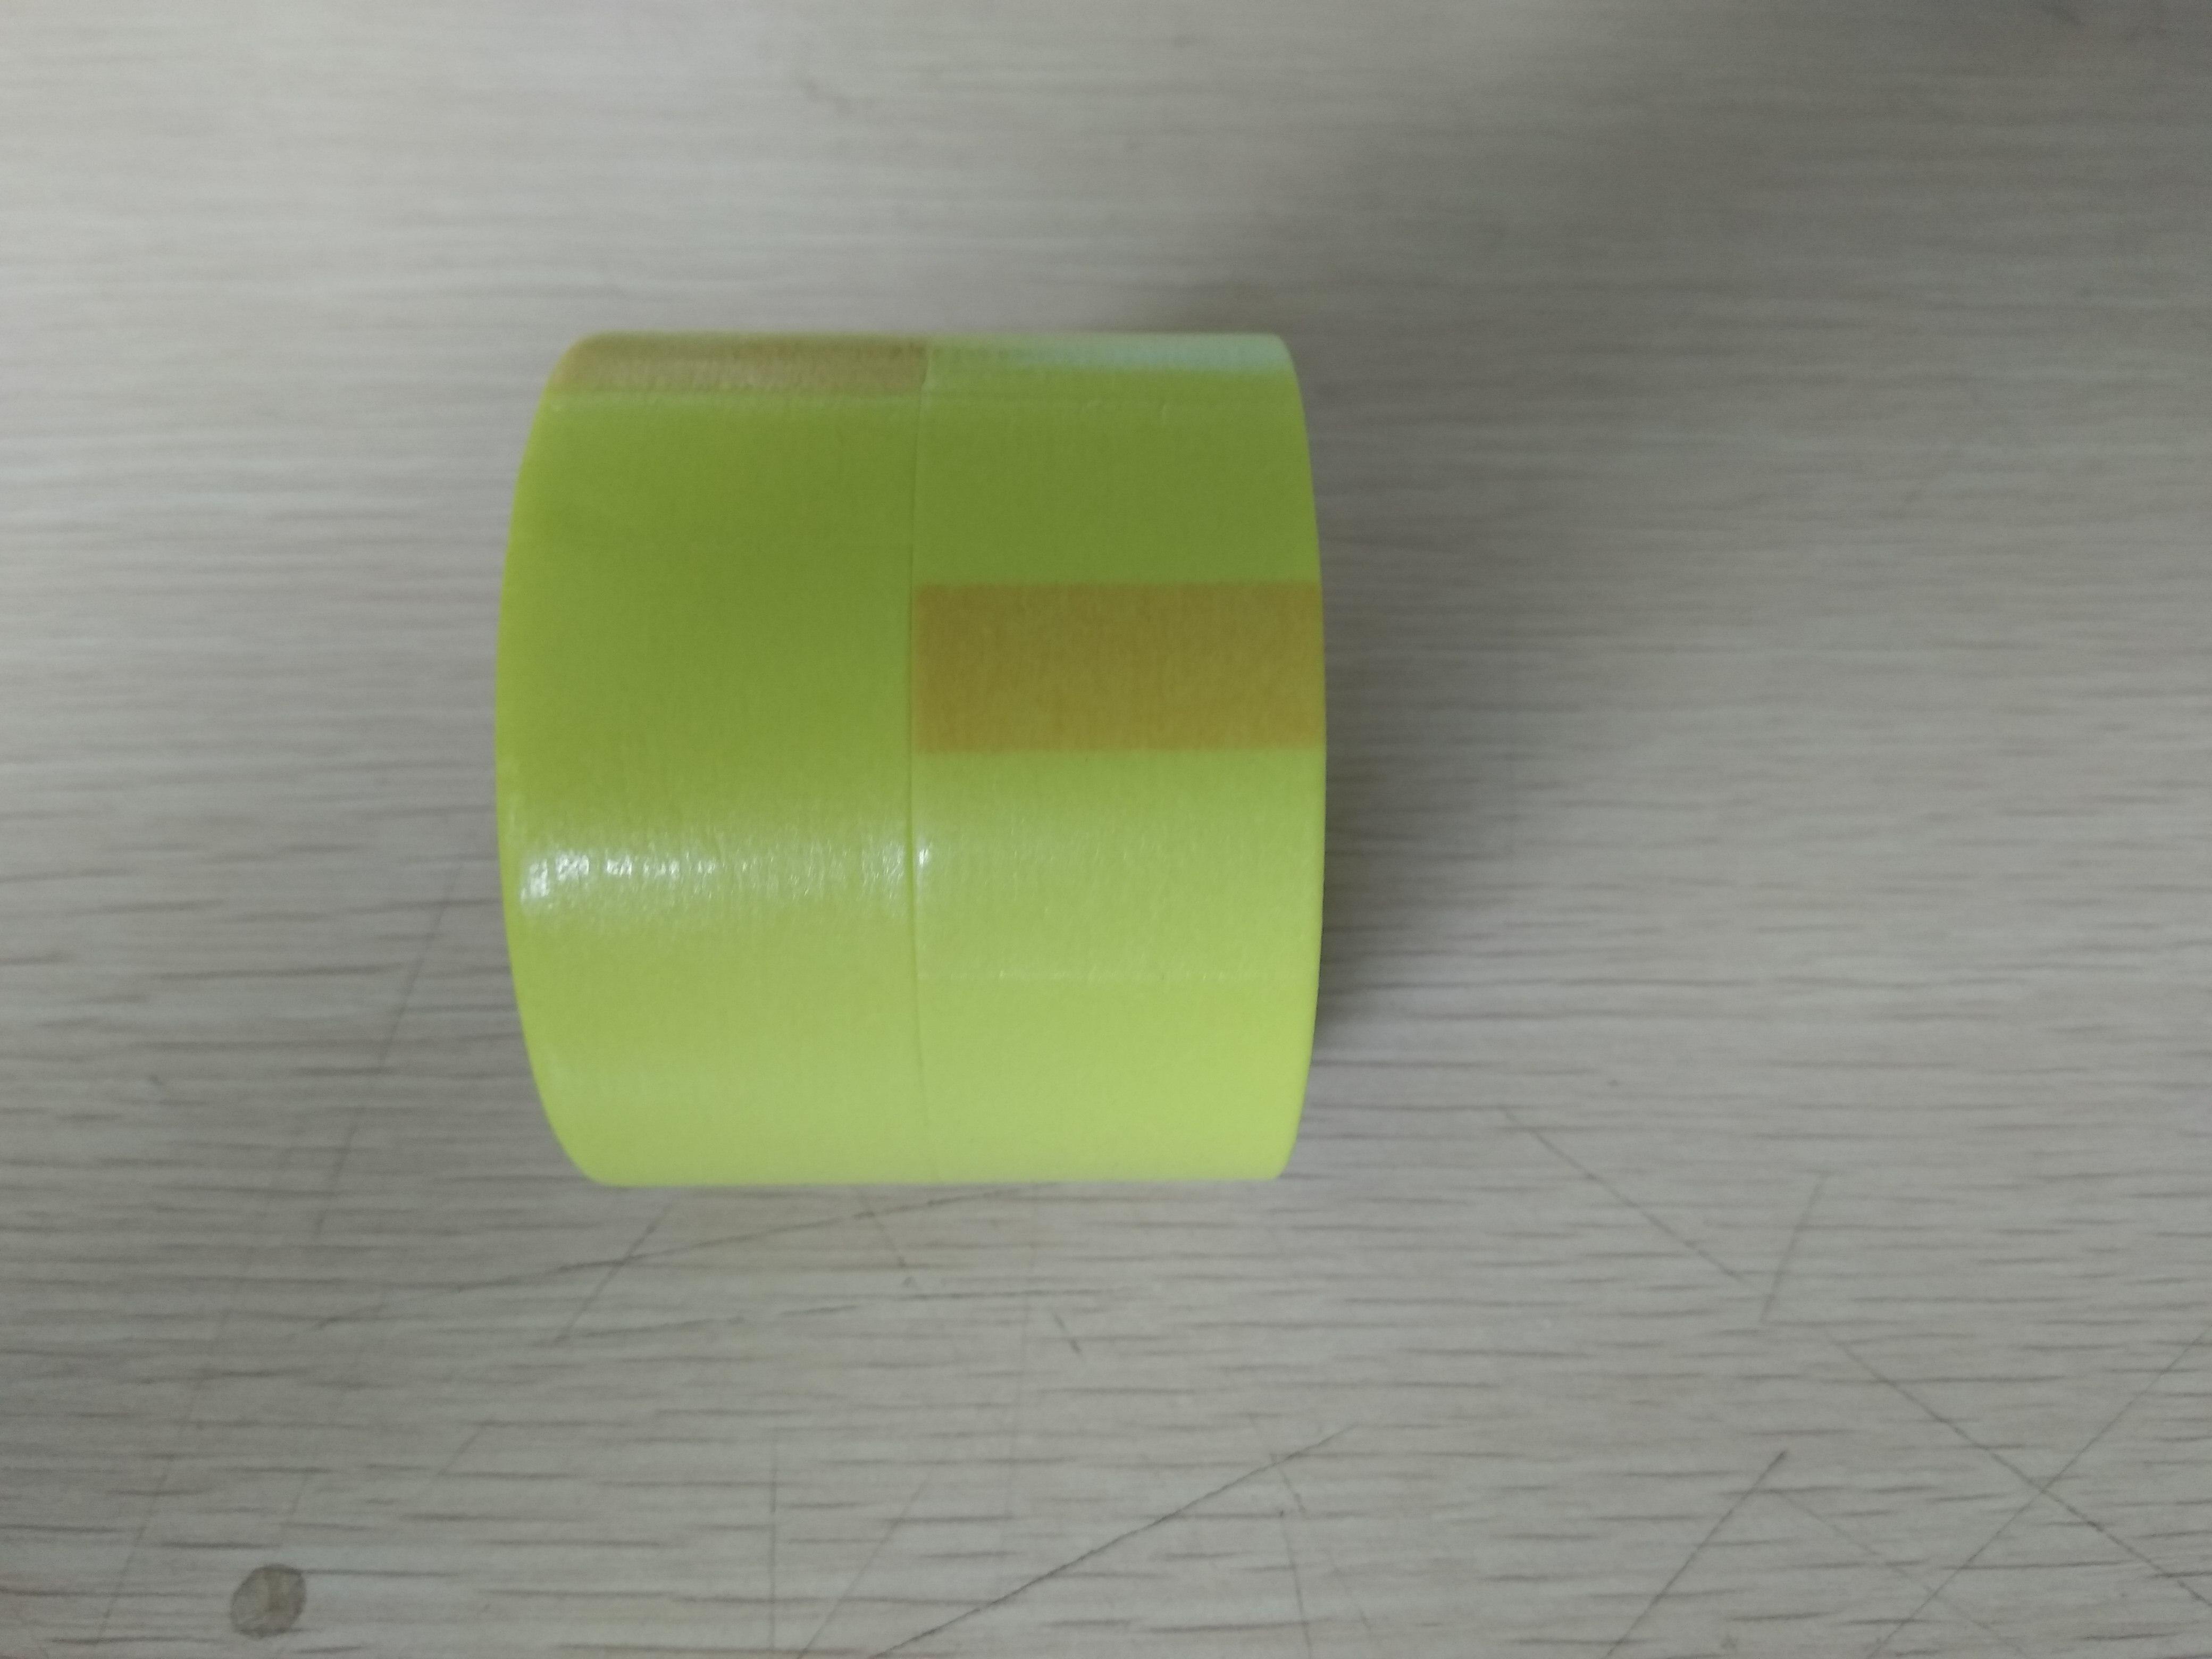 供应和纸胶带采购报价,和纸纸胶带报价,克耐和纸胶带供应 福建克耐和纸胶带